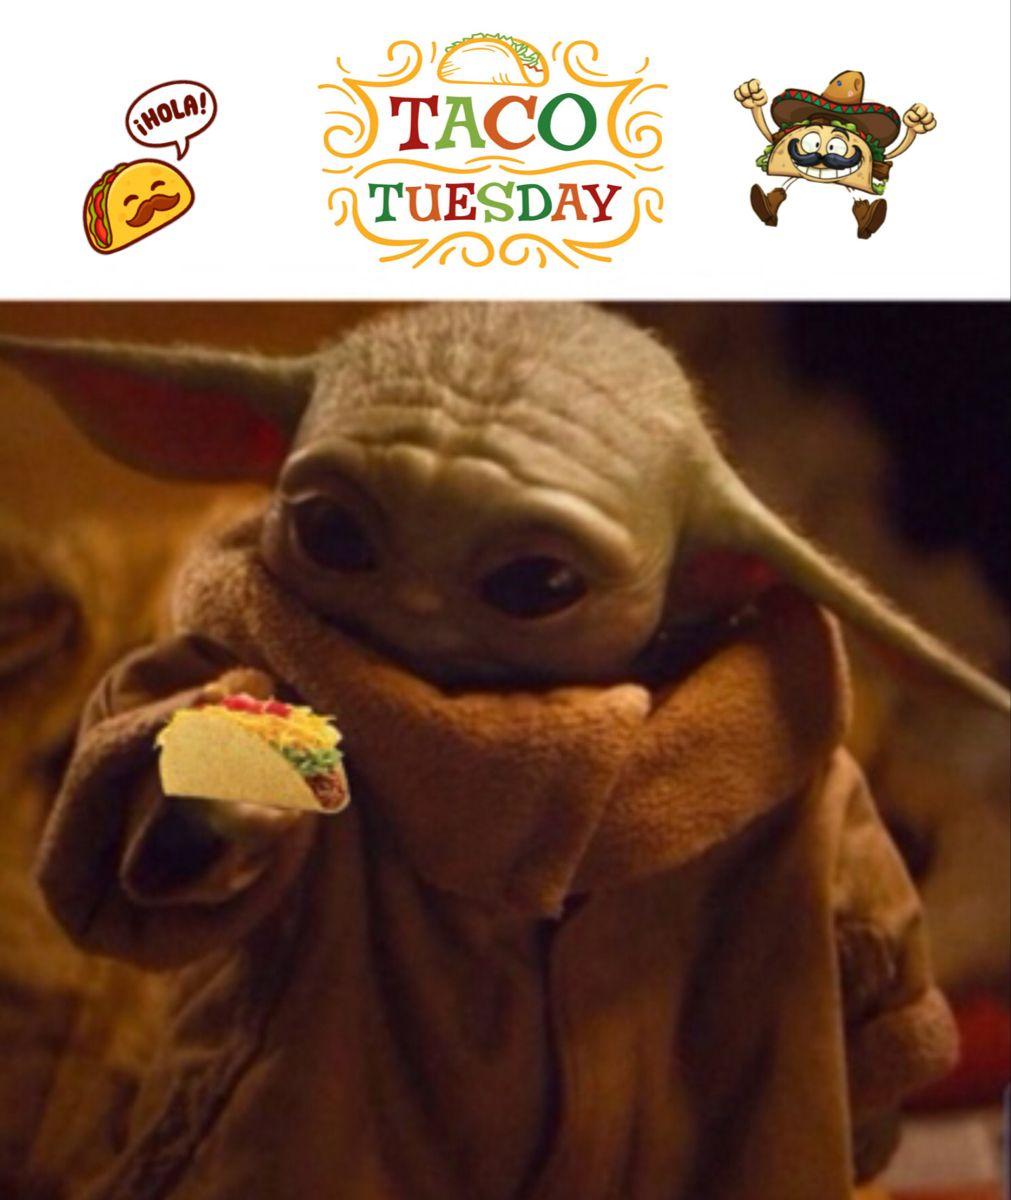 Pin By Susan L Schaap On Baby Yoda Yoda Images Yoda Meme Yoda Art